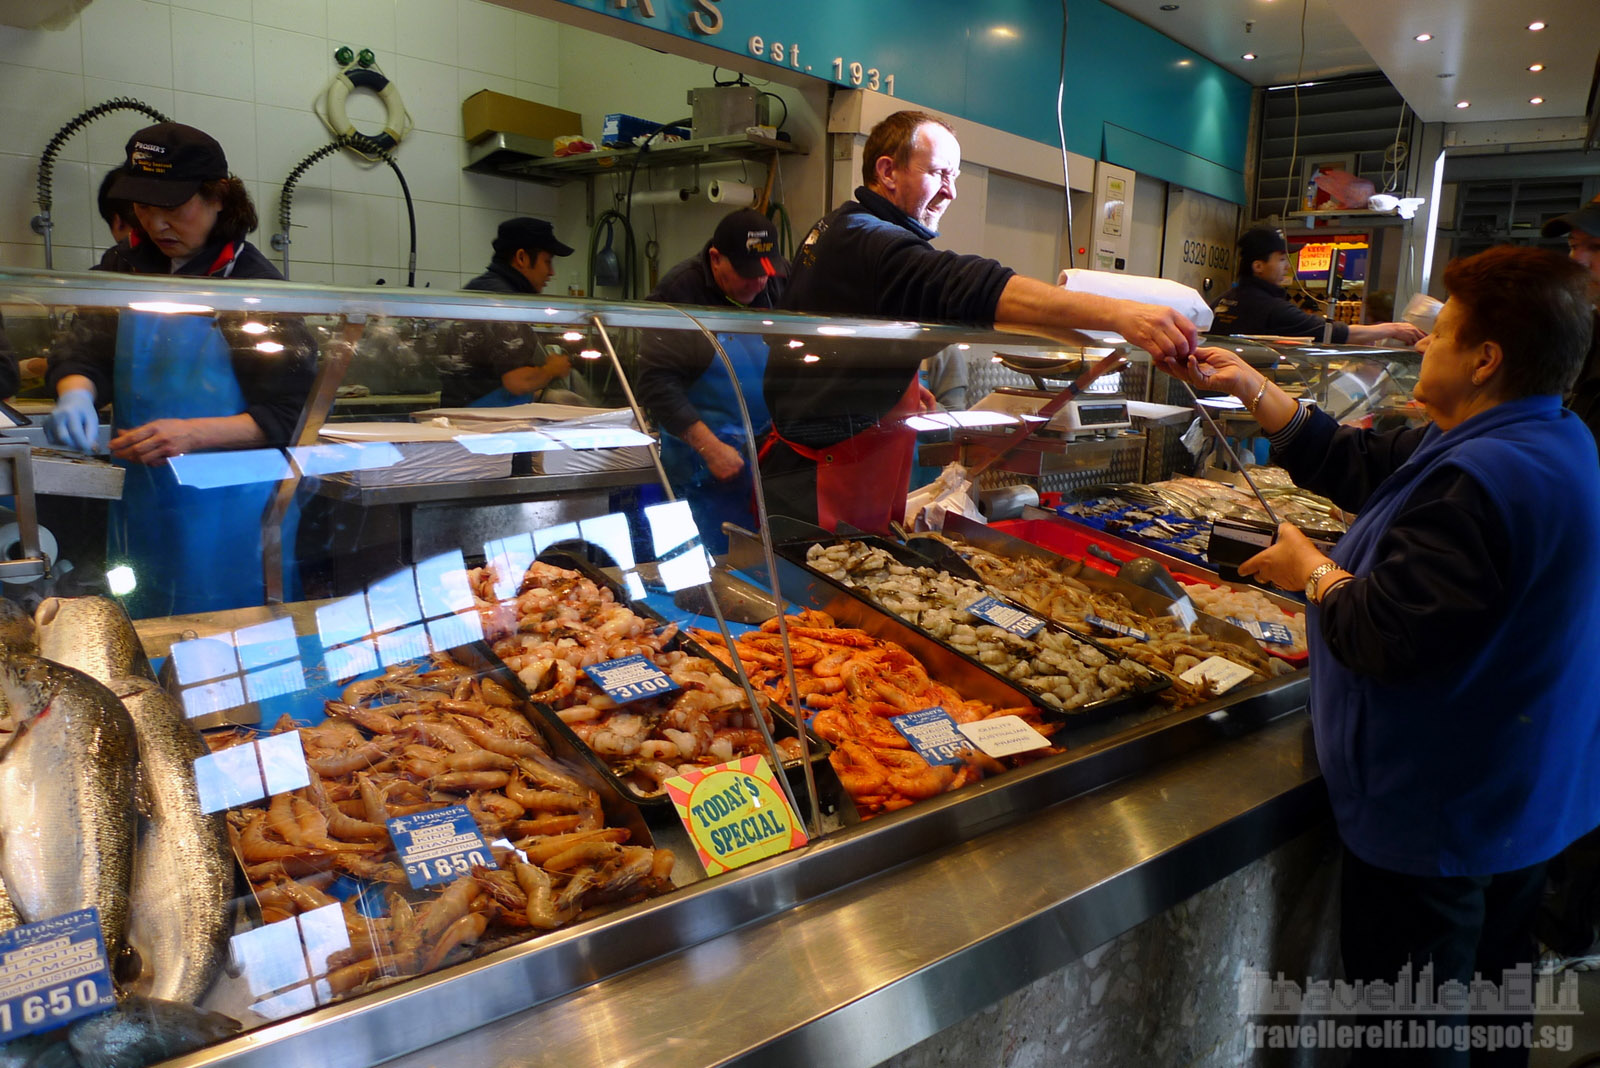 Queen victoria market melbourne travellerelf for Fish market queens